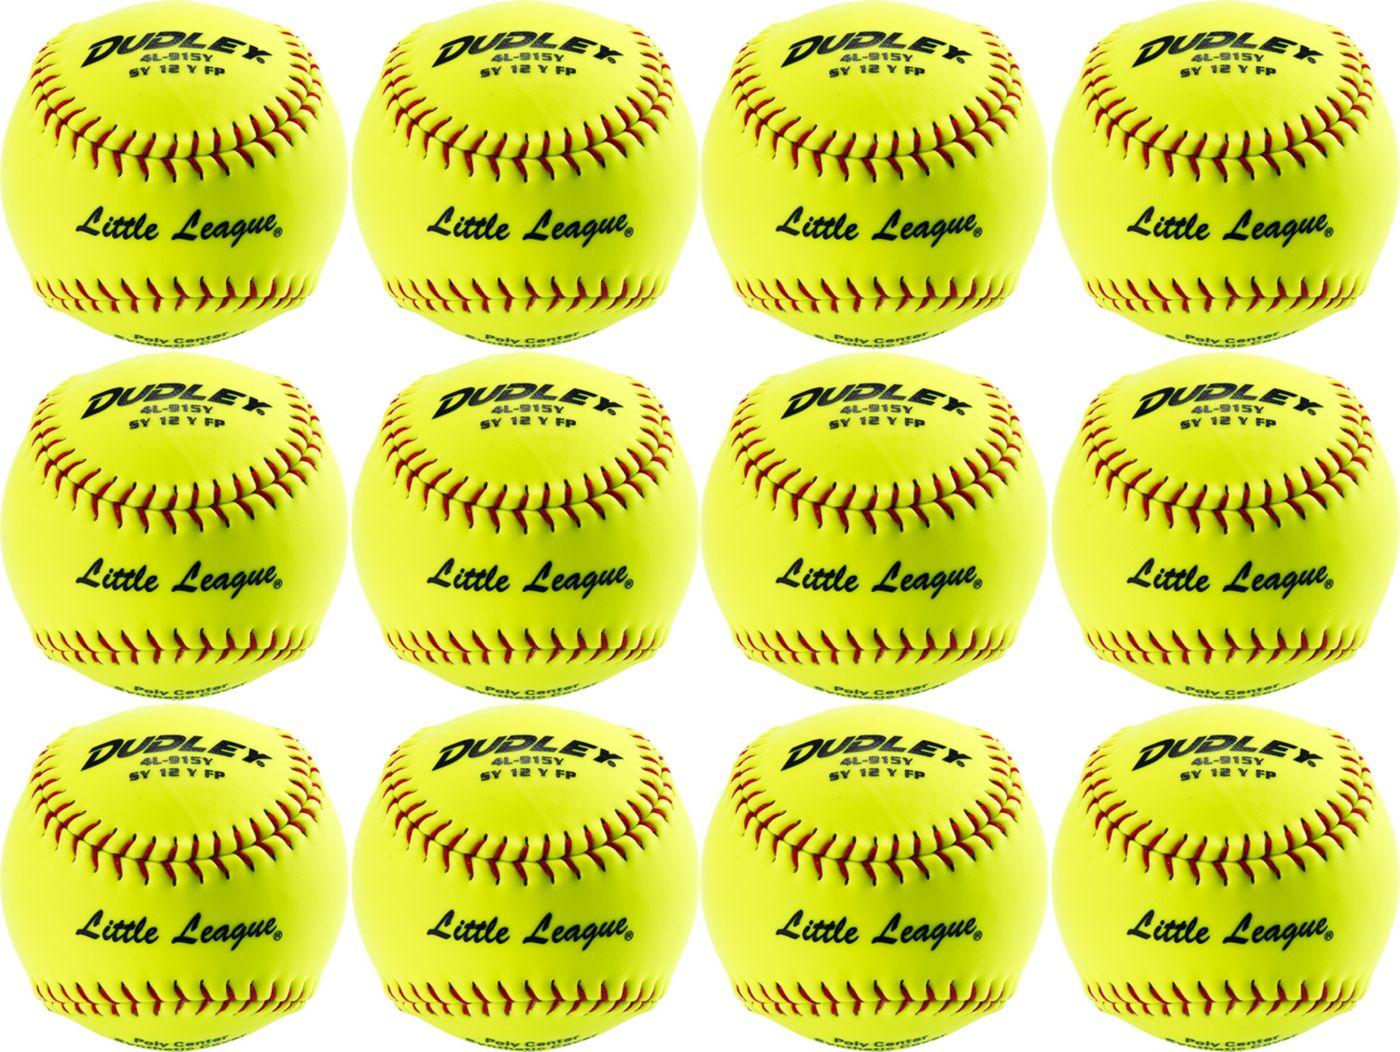 Dudley Little League 12'' Softballs - 12 Pack